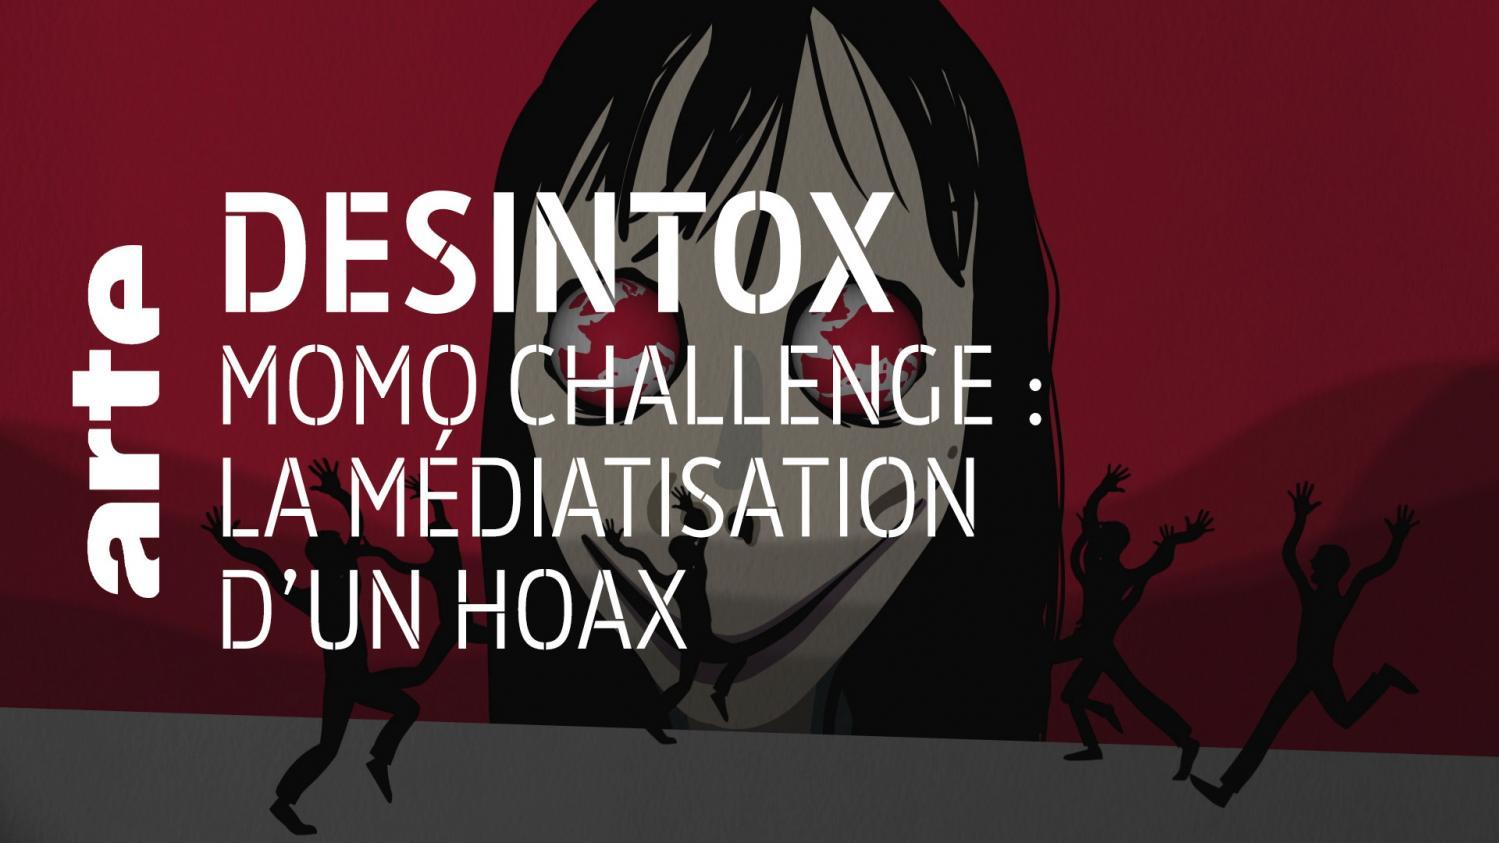 VRAI OU FAKE Désintox. Le Momo challenge est une intox et n'a pas provoqué de suicide